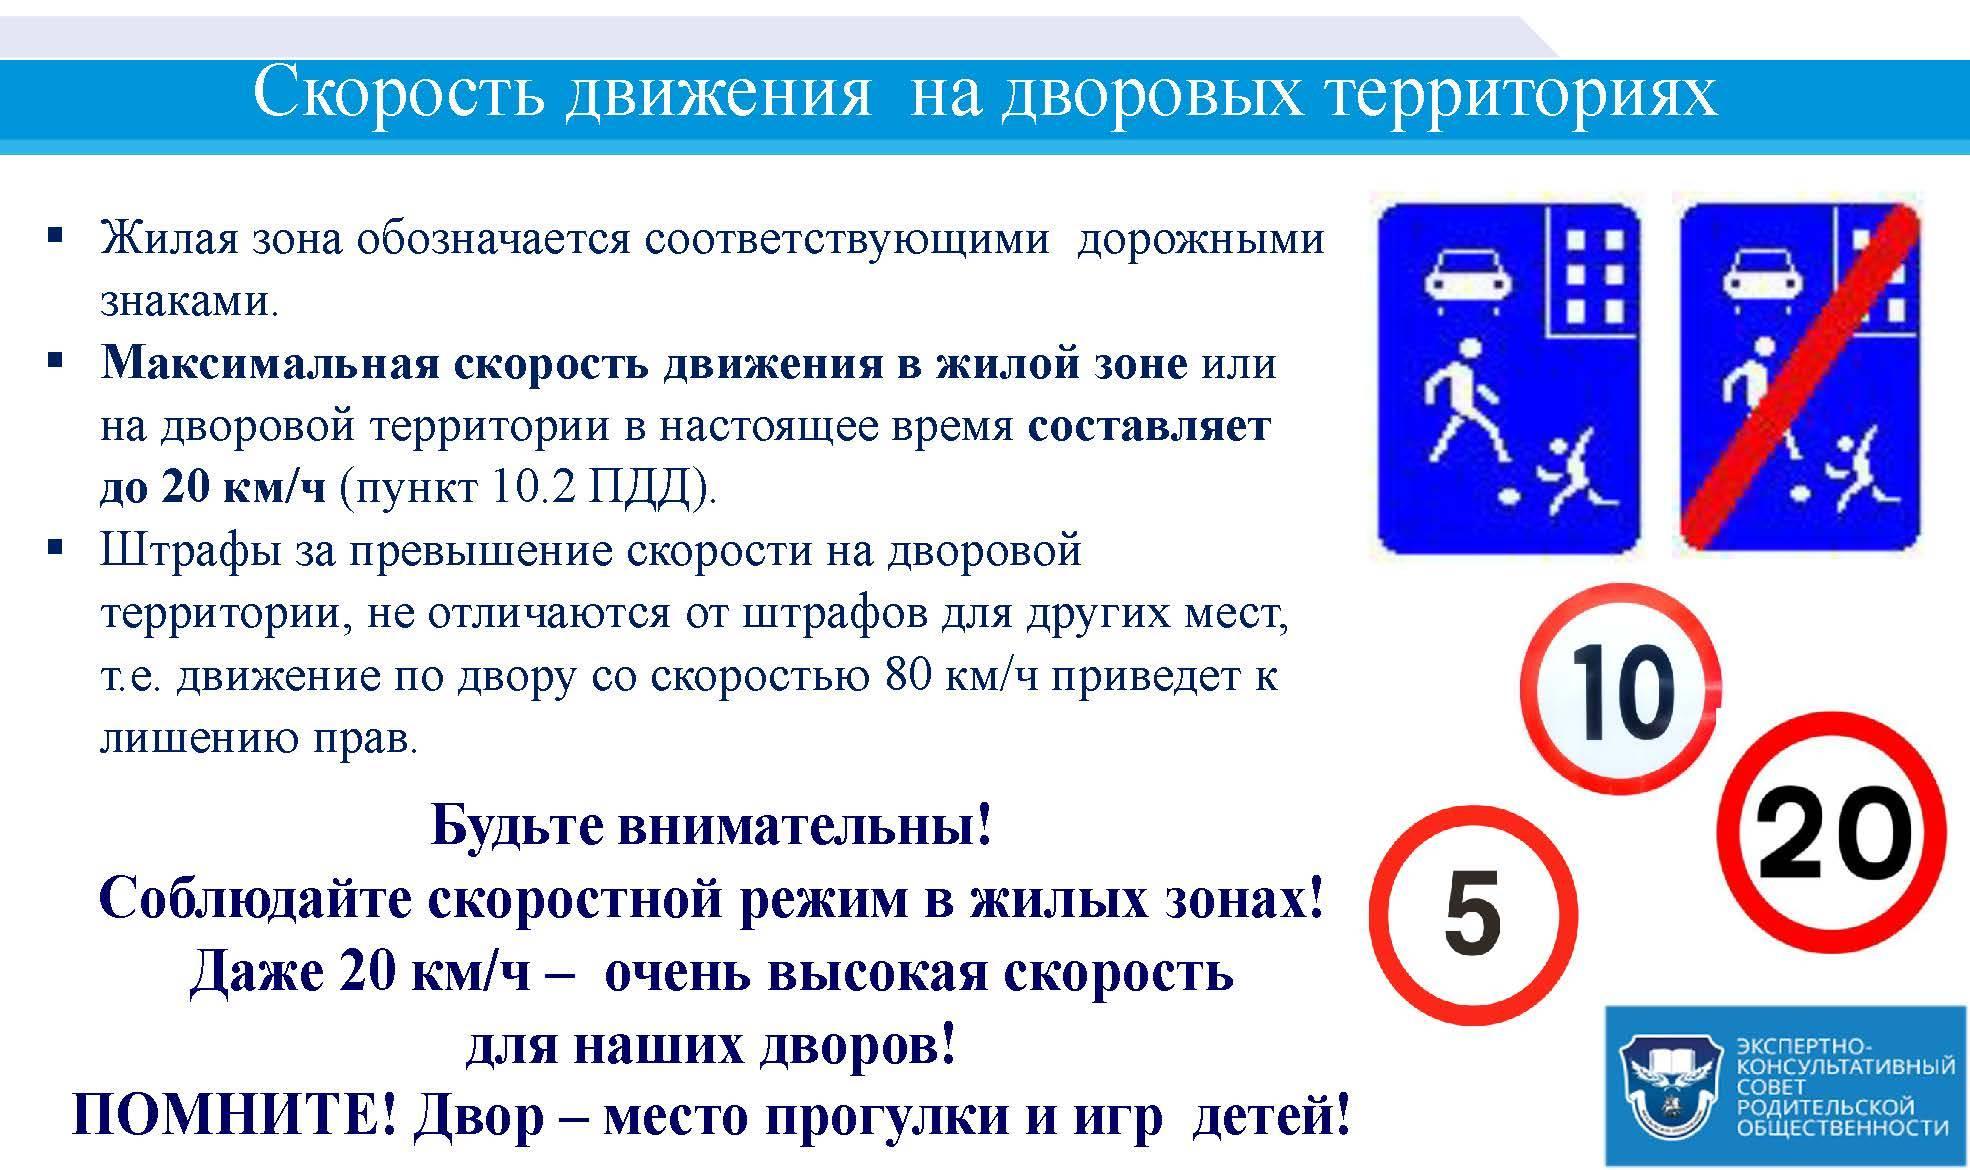 Какие скоростные ограничения установлены по правилам на участках дорог и знаками?